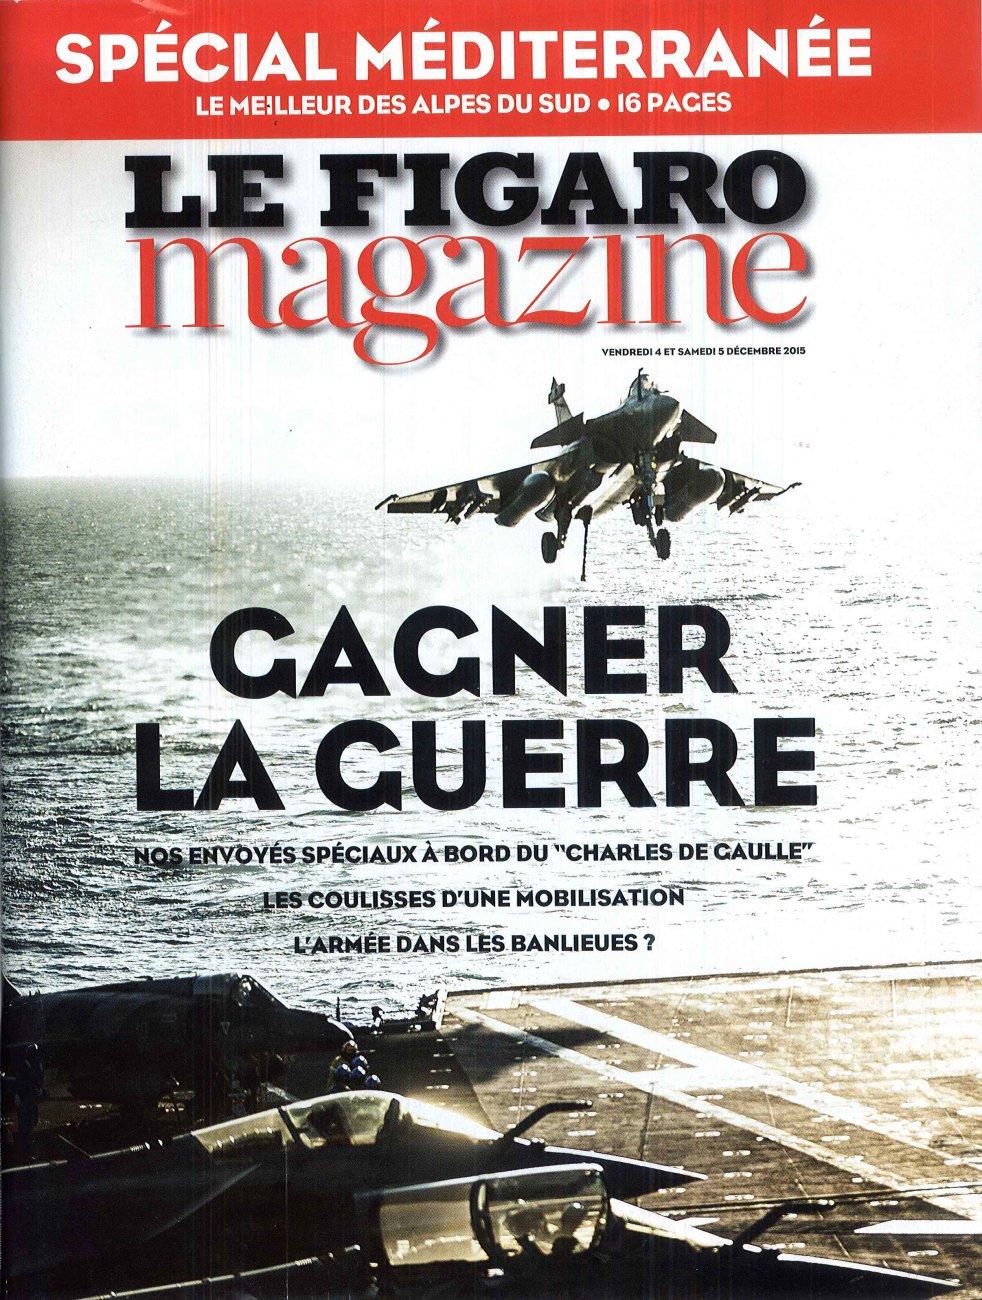 Le Figaro Magazine Spécial Méditerranée / vendredi 4 et samedi 5 décembre 2015 / Le Figaro Magazine